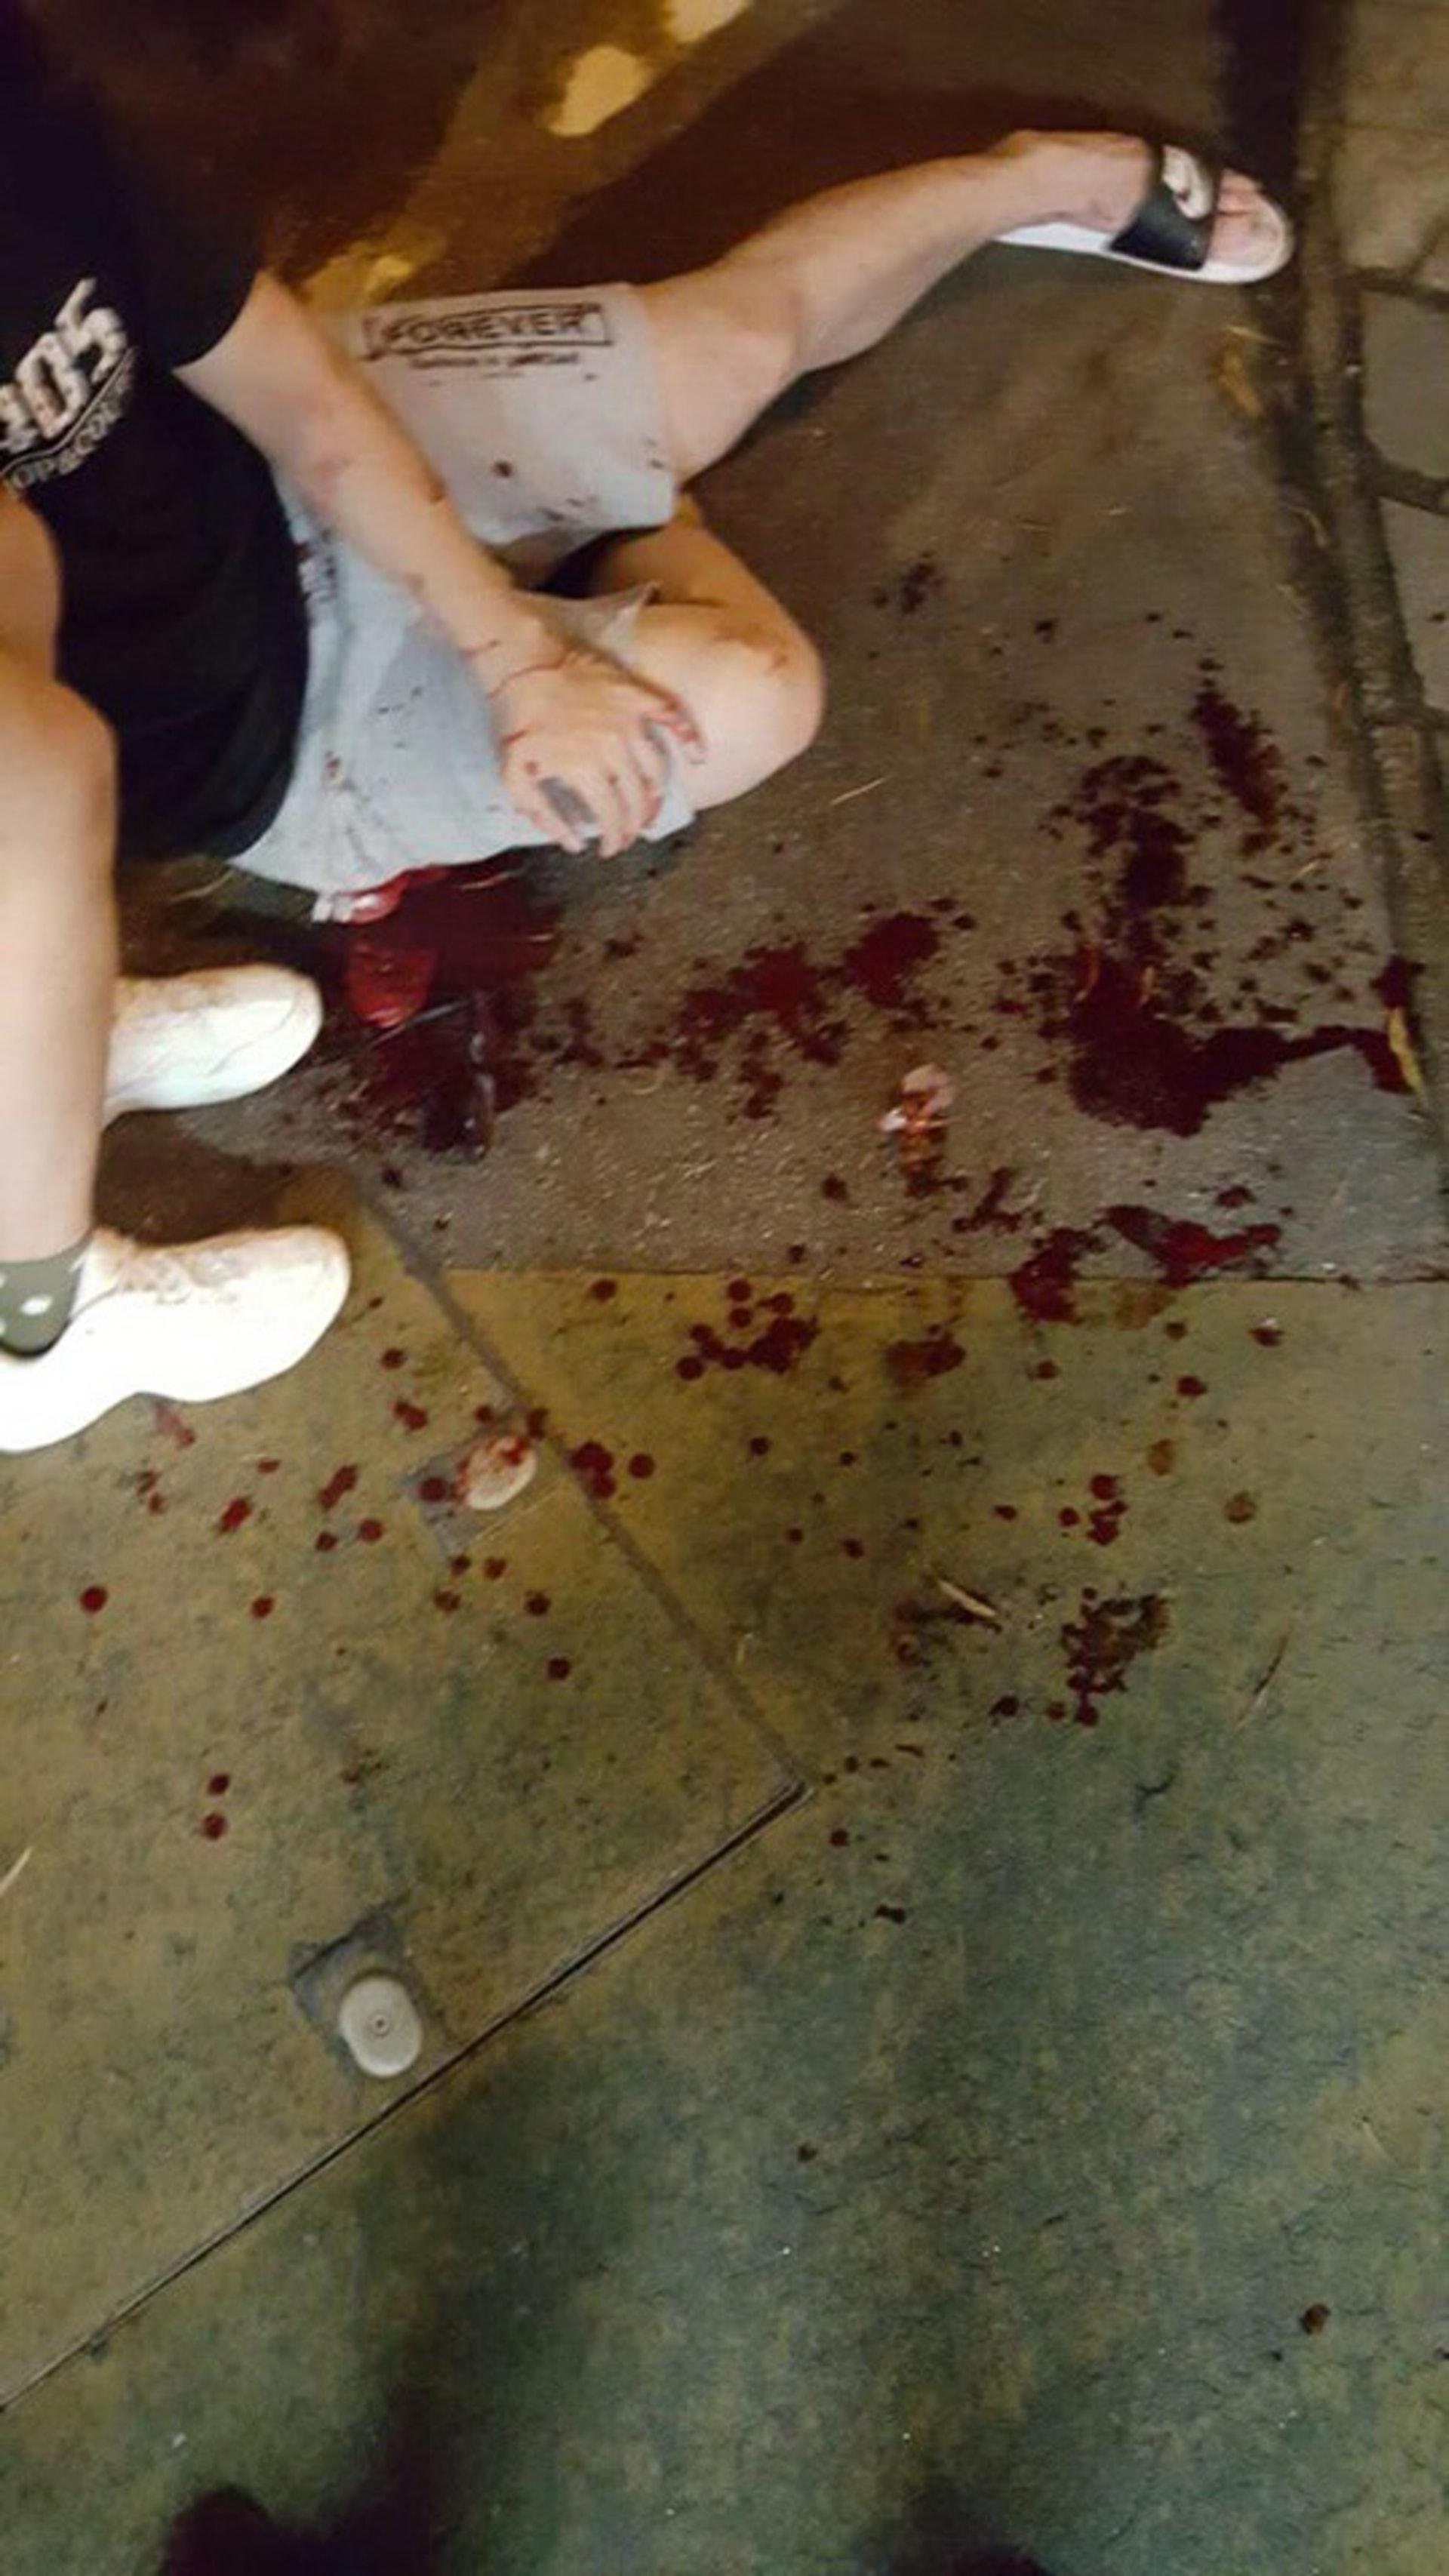 女傷者嚴重受傷,滿地鮮血。(網上圖片)